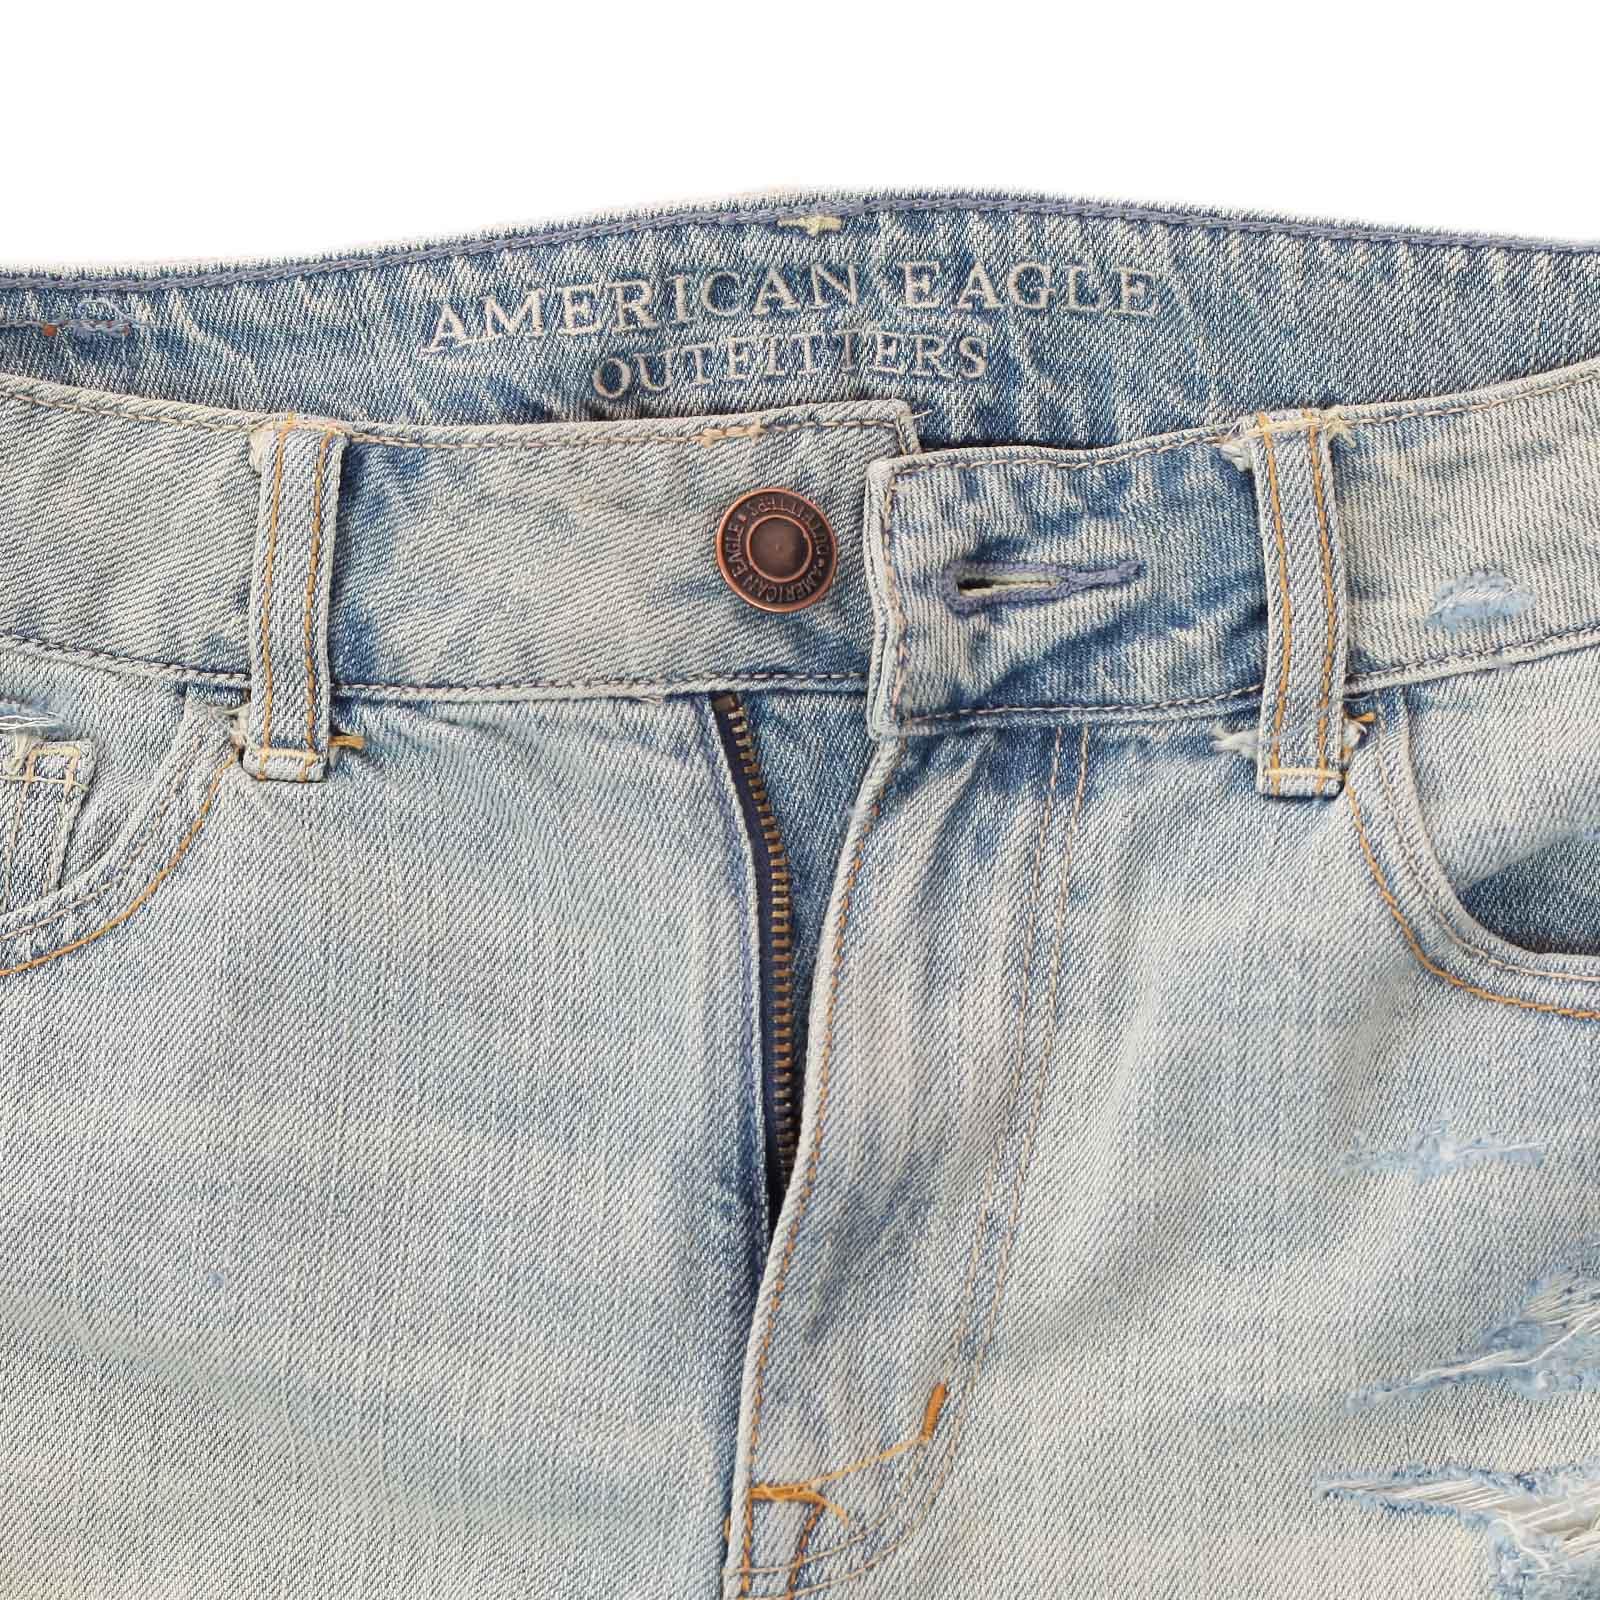 Купить селфи-шорты American Eagle® для соблазнительных фото